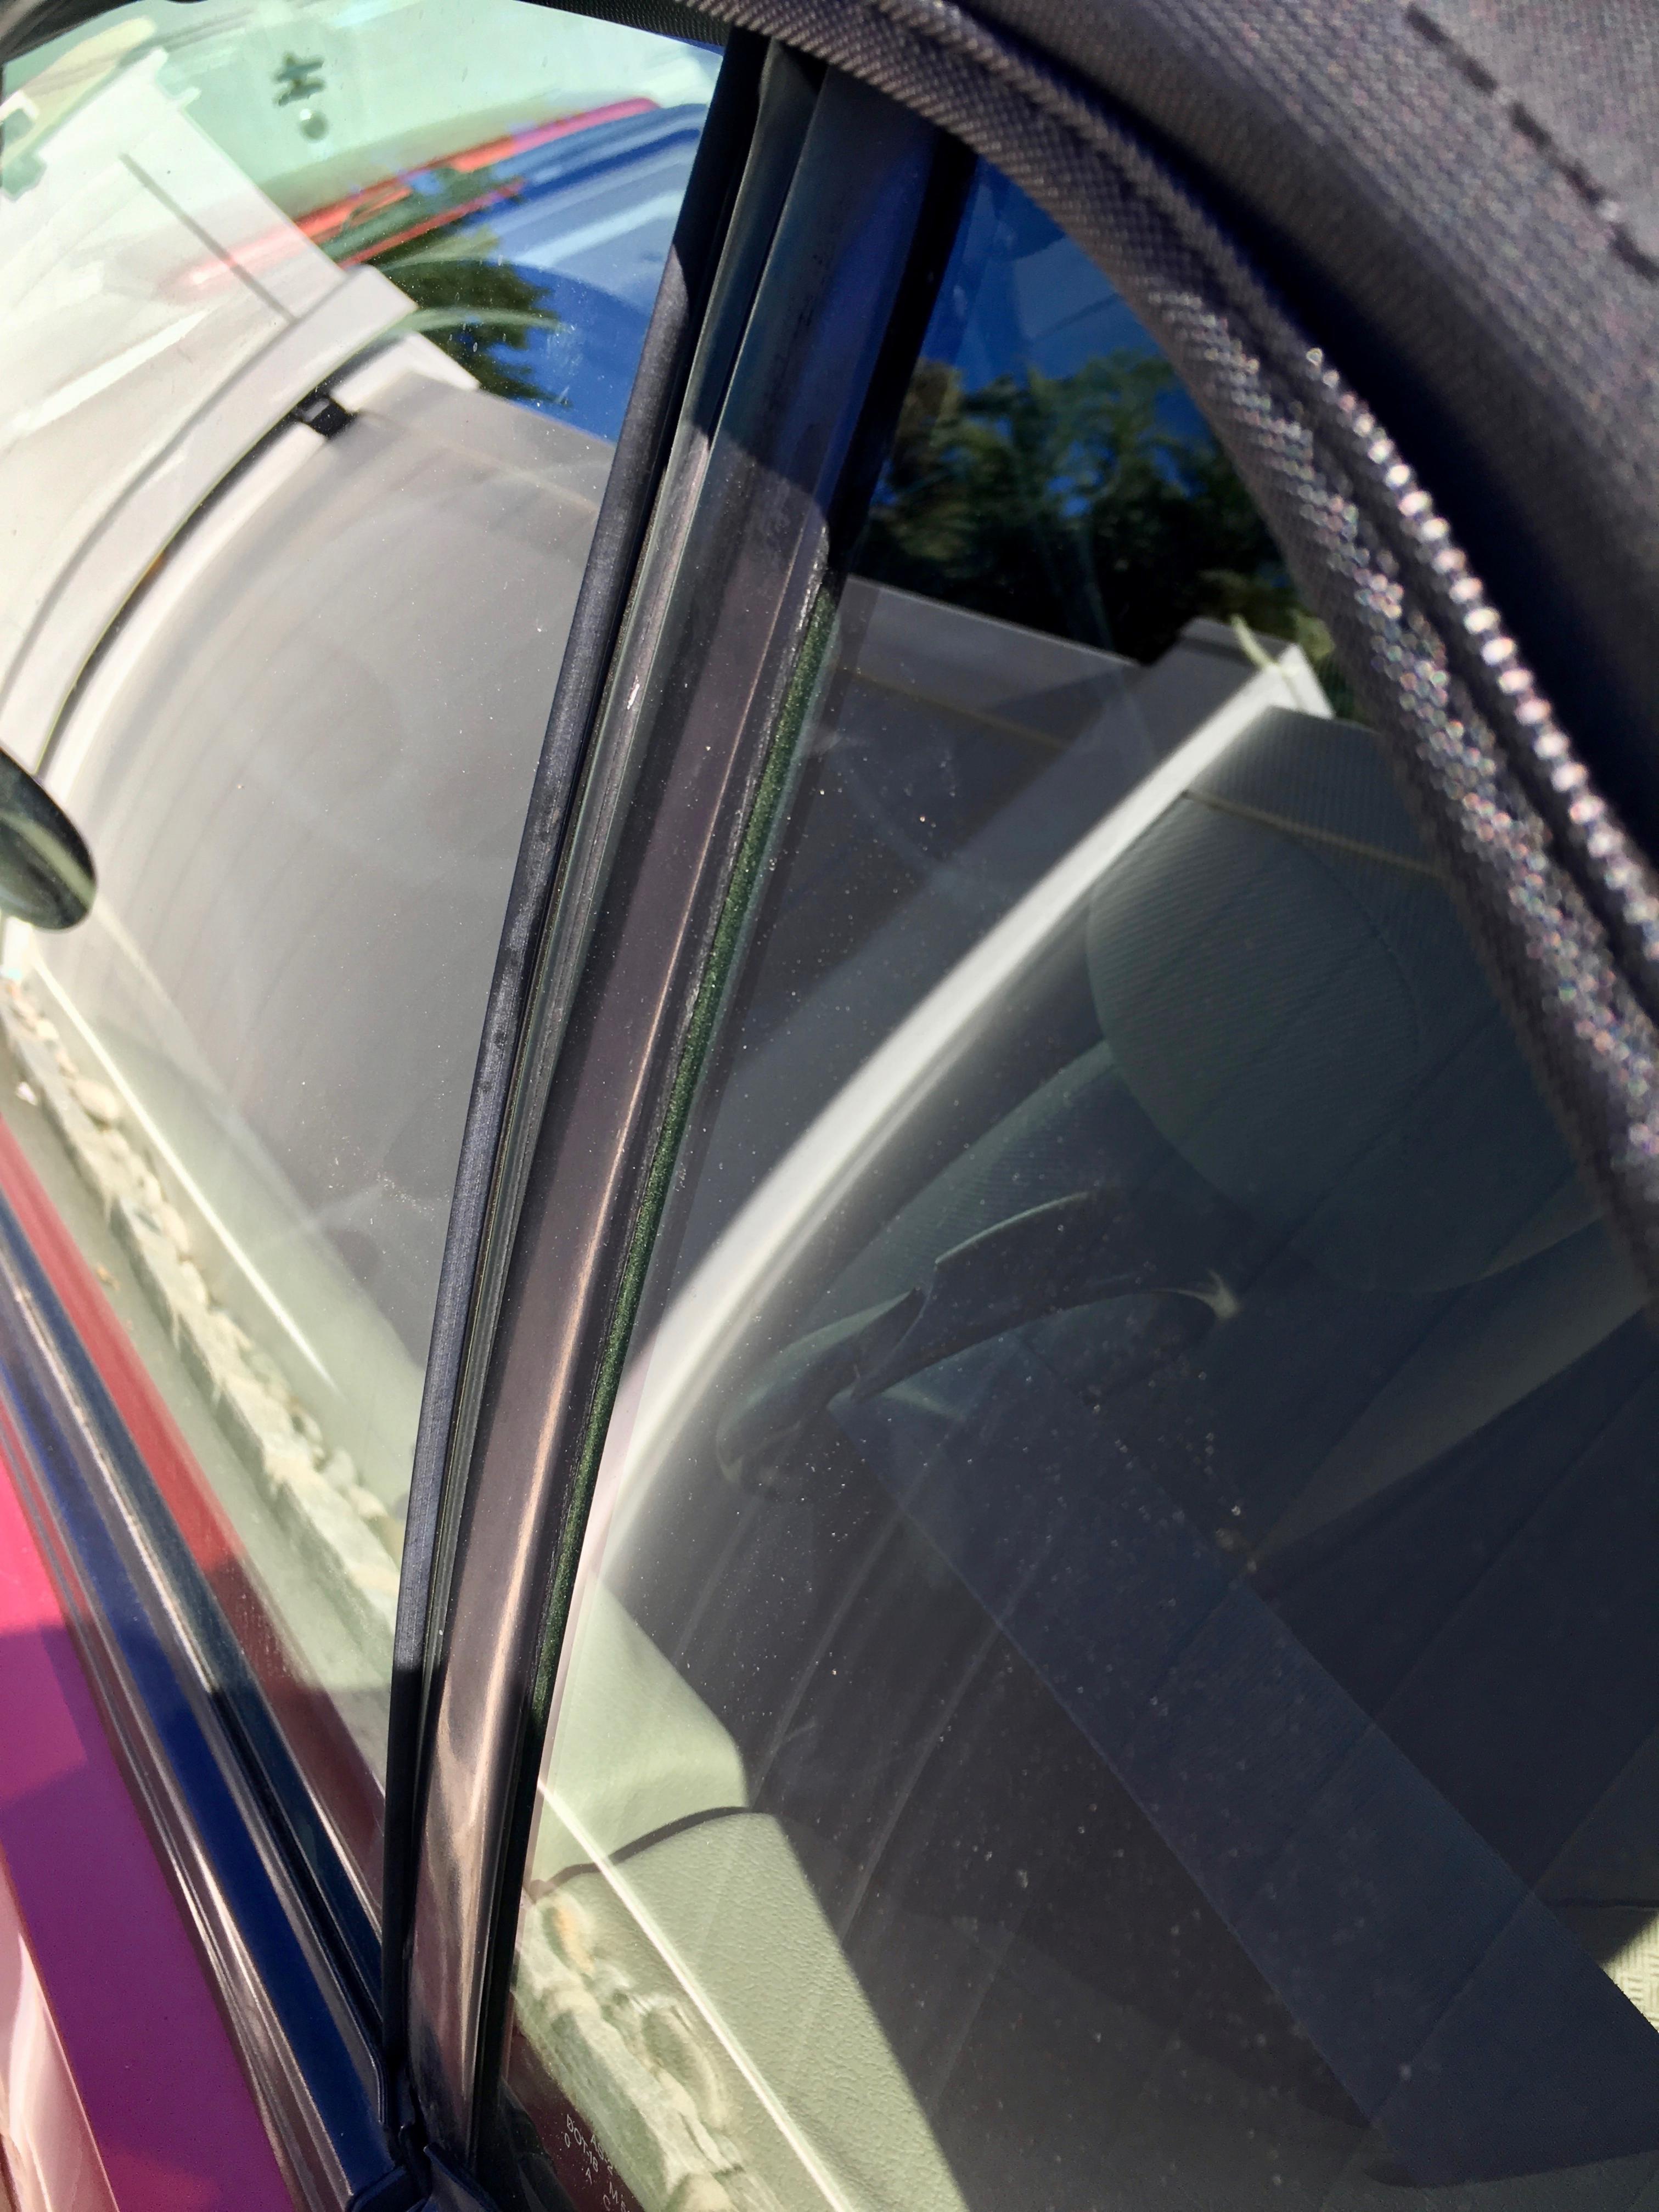 4 Door Convertible >> Window alignment on convertible help - Ford Mustang Forum